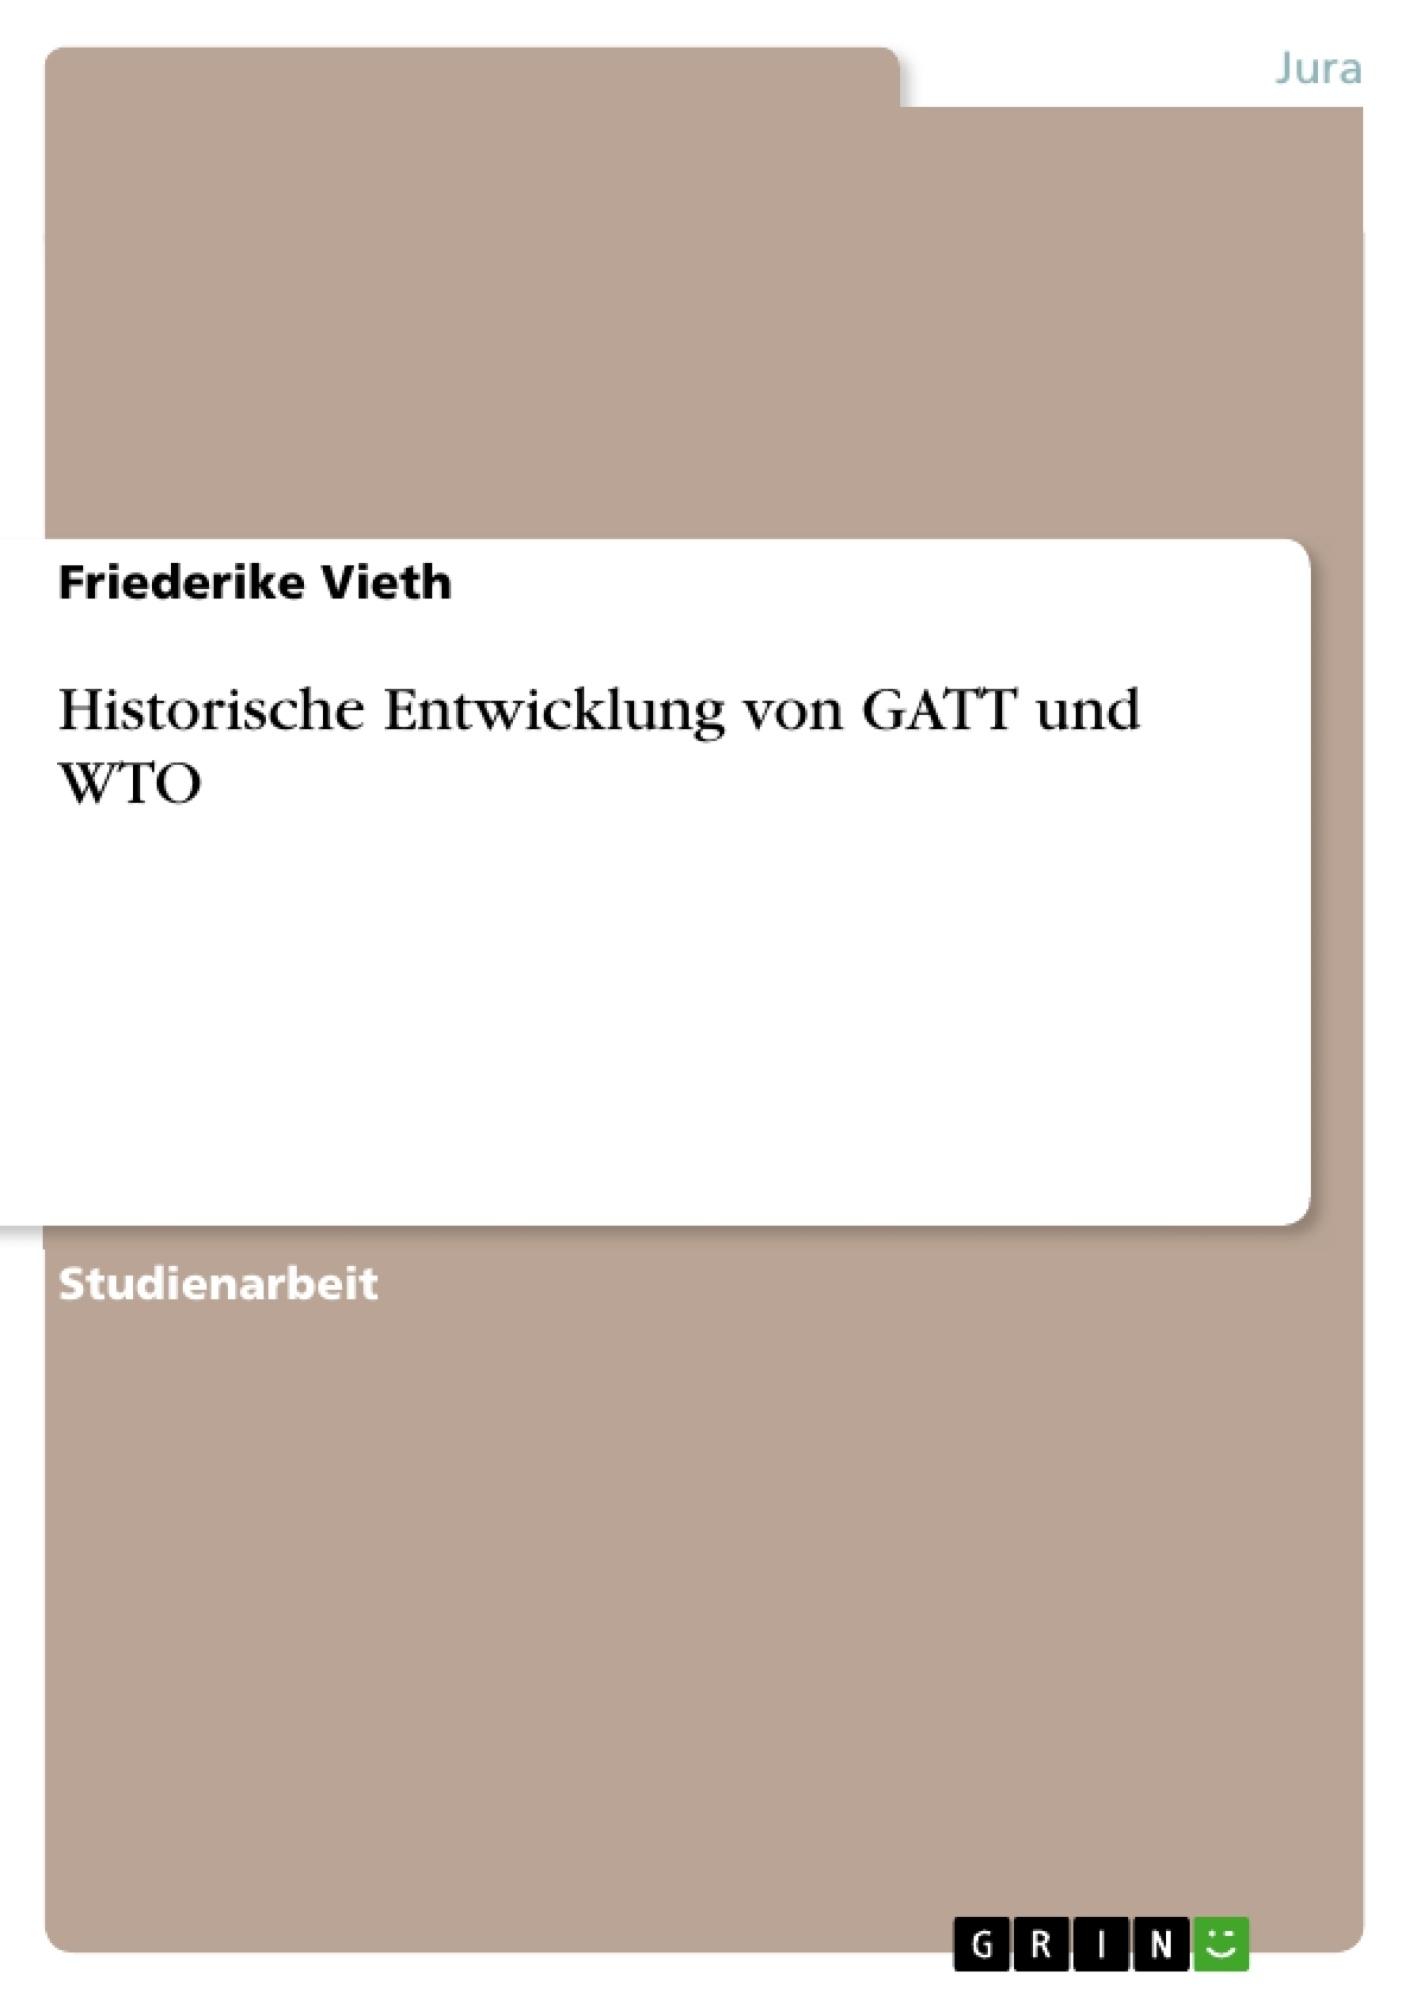 Titel: Historische Entwicklung von GATT und WTO